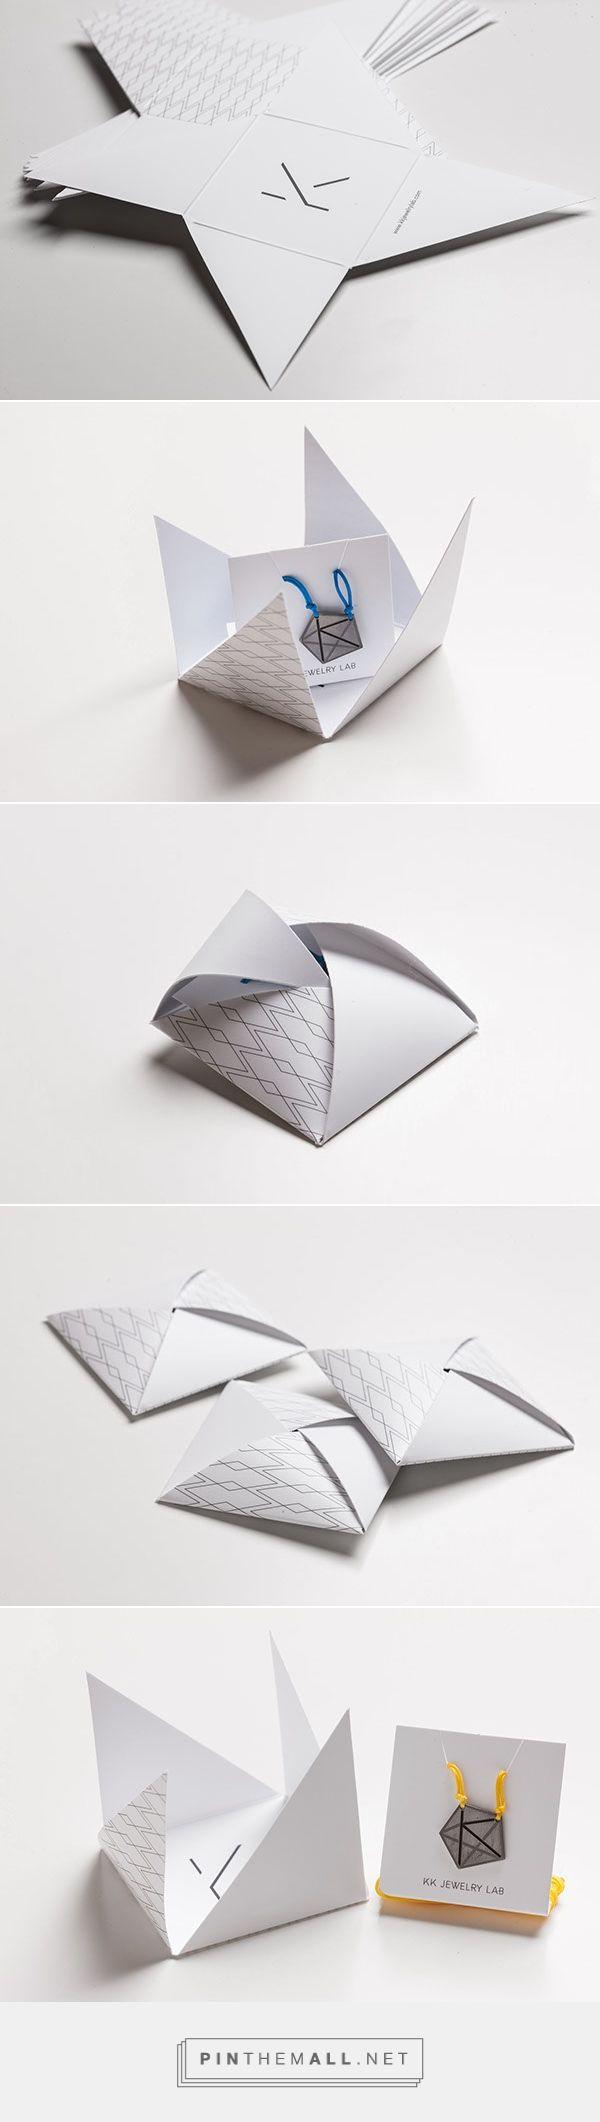 kk handmade jewelry packaging von maria romanidou schnell selbst umzusetzende idee f r eine. Black Bedroom Furniture Sets. Home Design Ideas